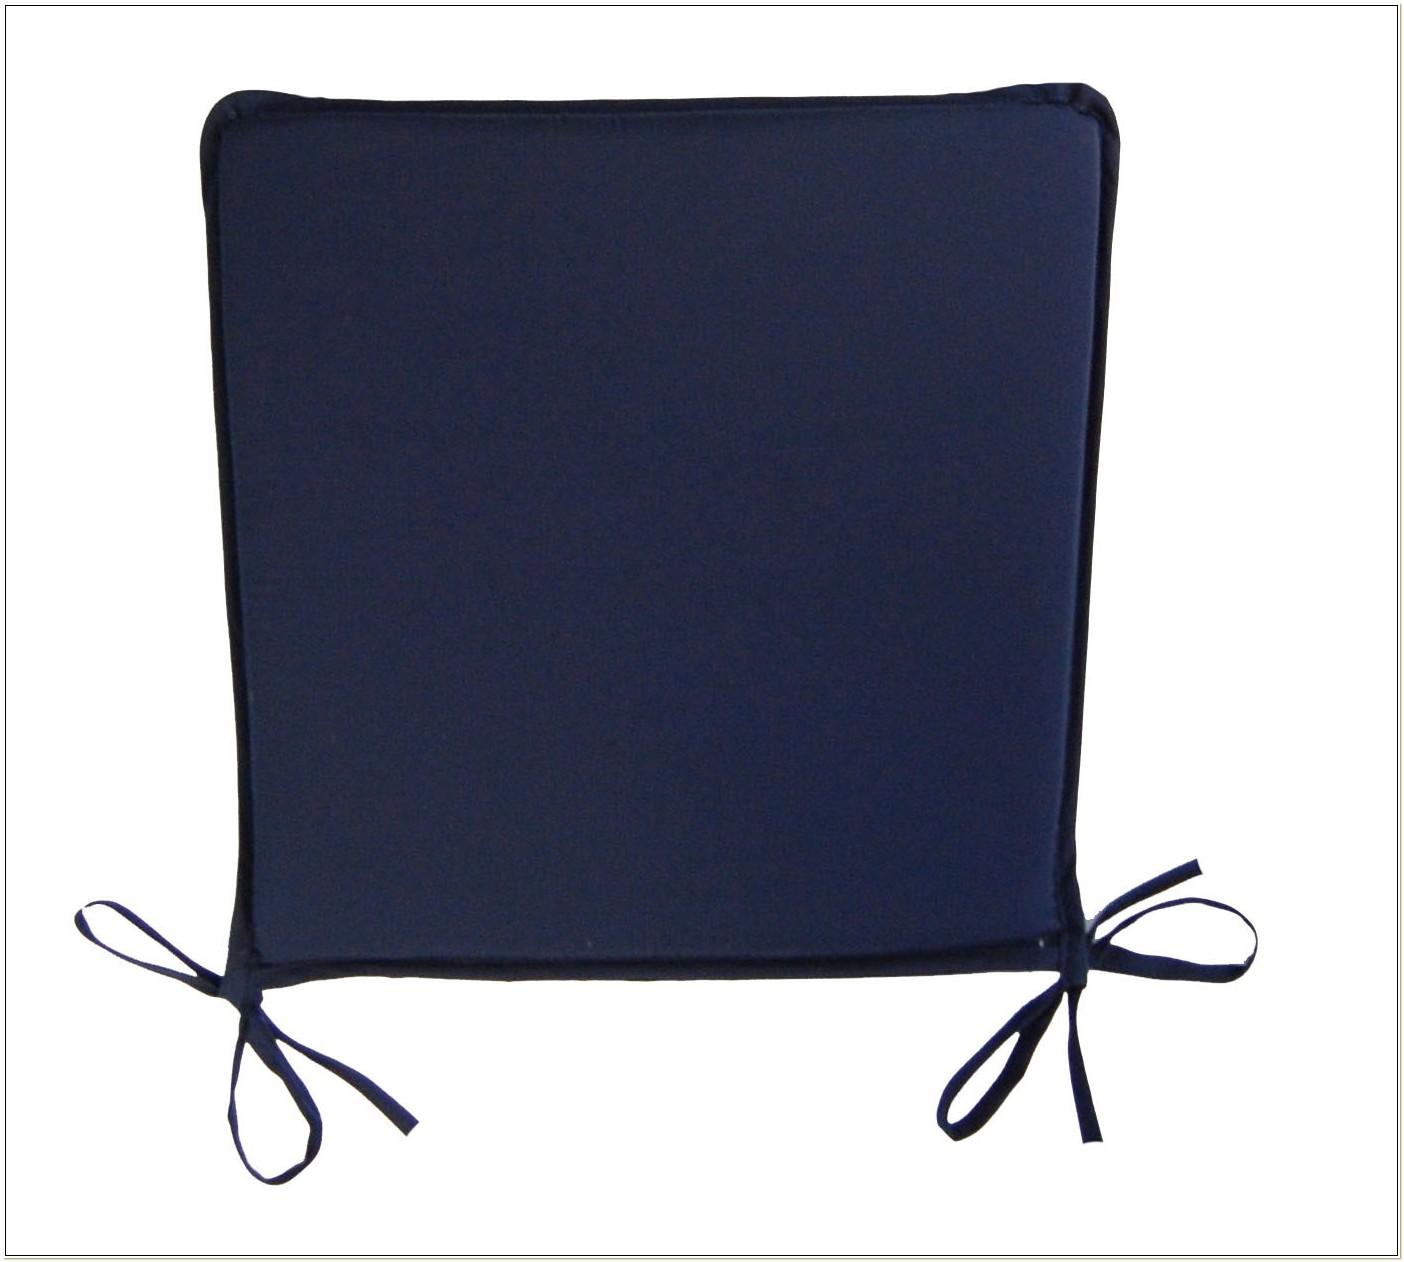 Dark Blue Dining Chair Cushions